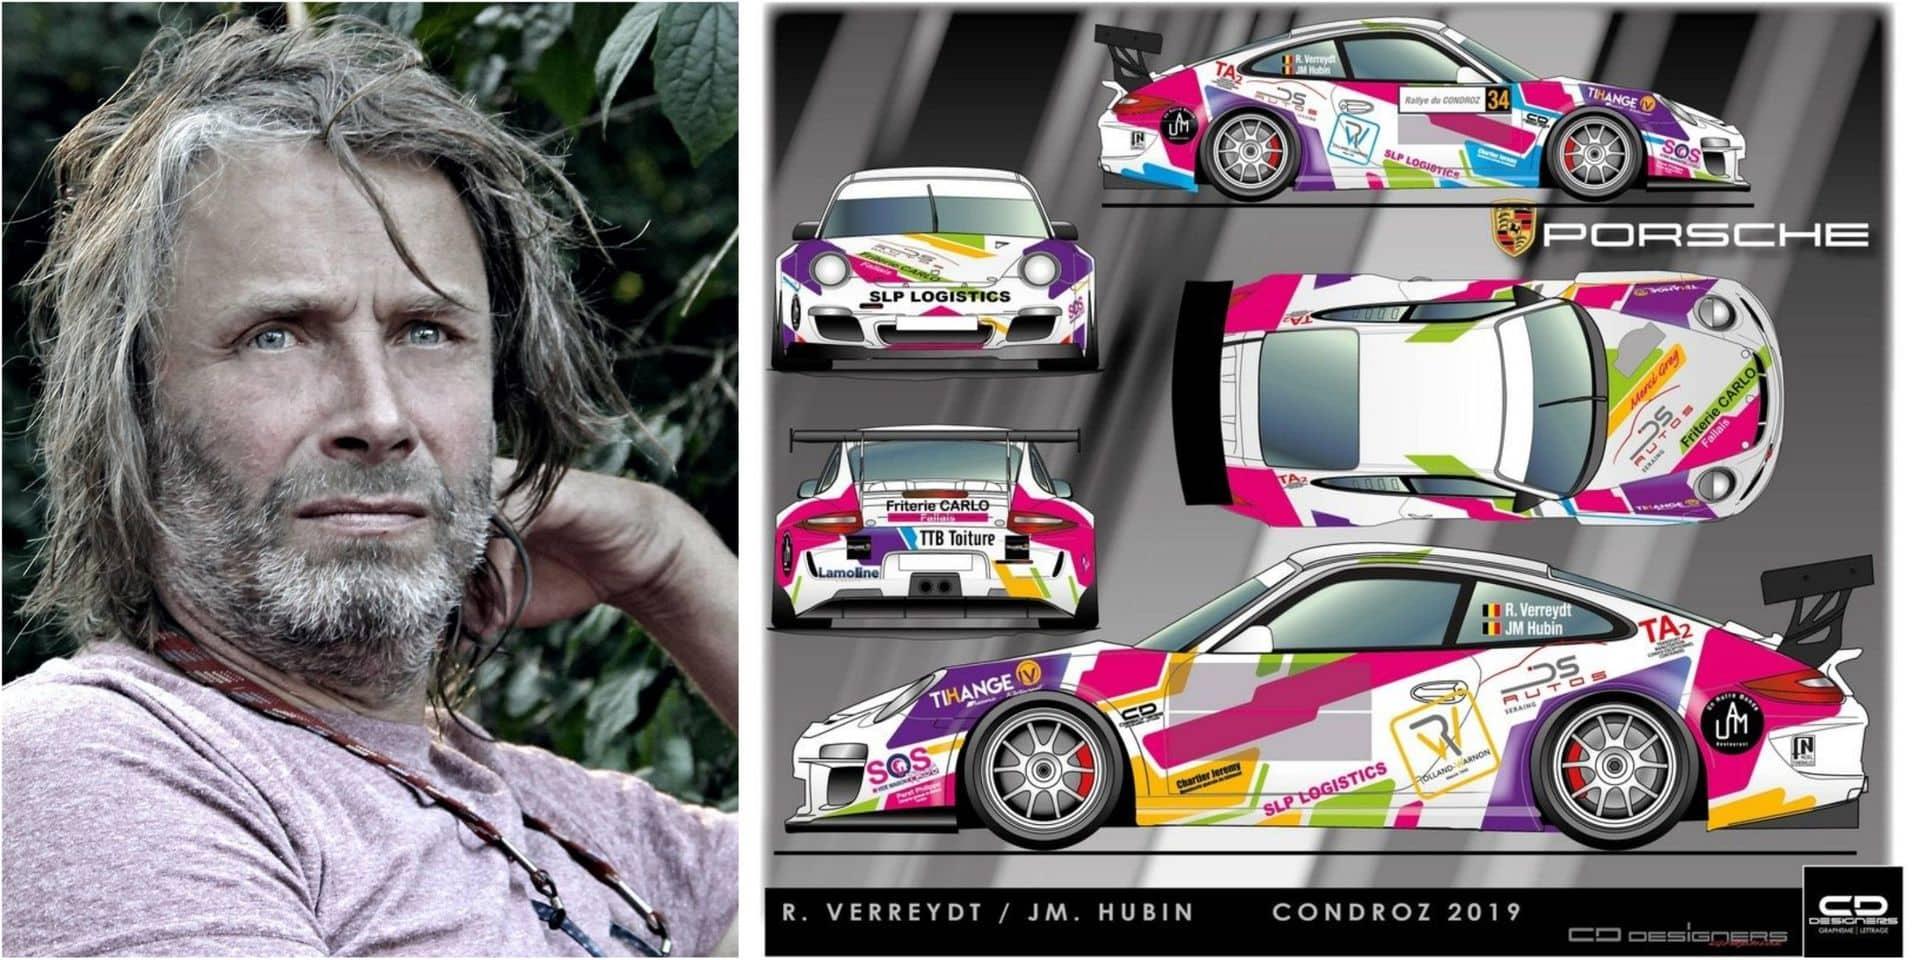 """Renaud Verreydt avant le rallye du Condroz: """"Cette Porsche, c'est vraiment tout ce que j'aime..."""""""